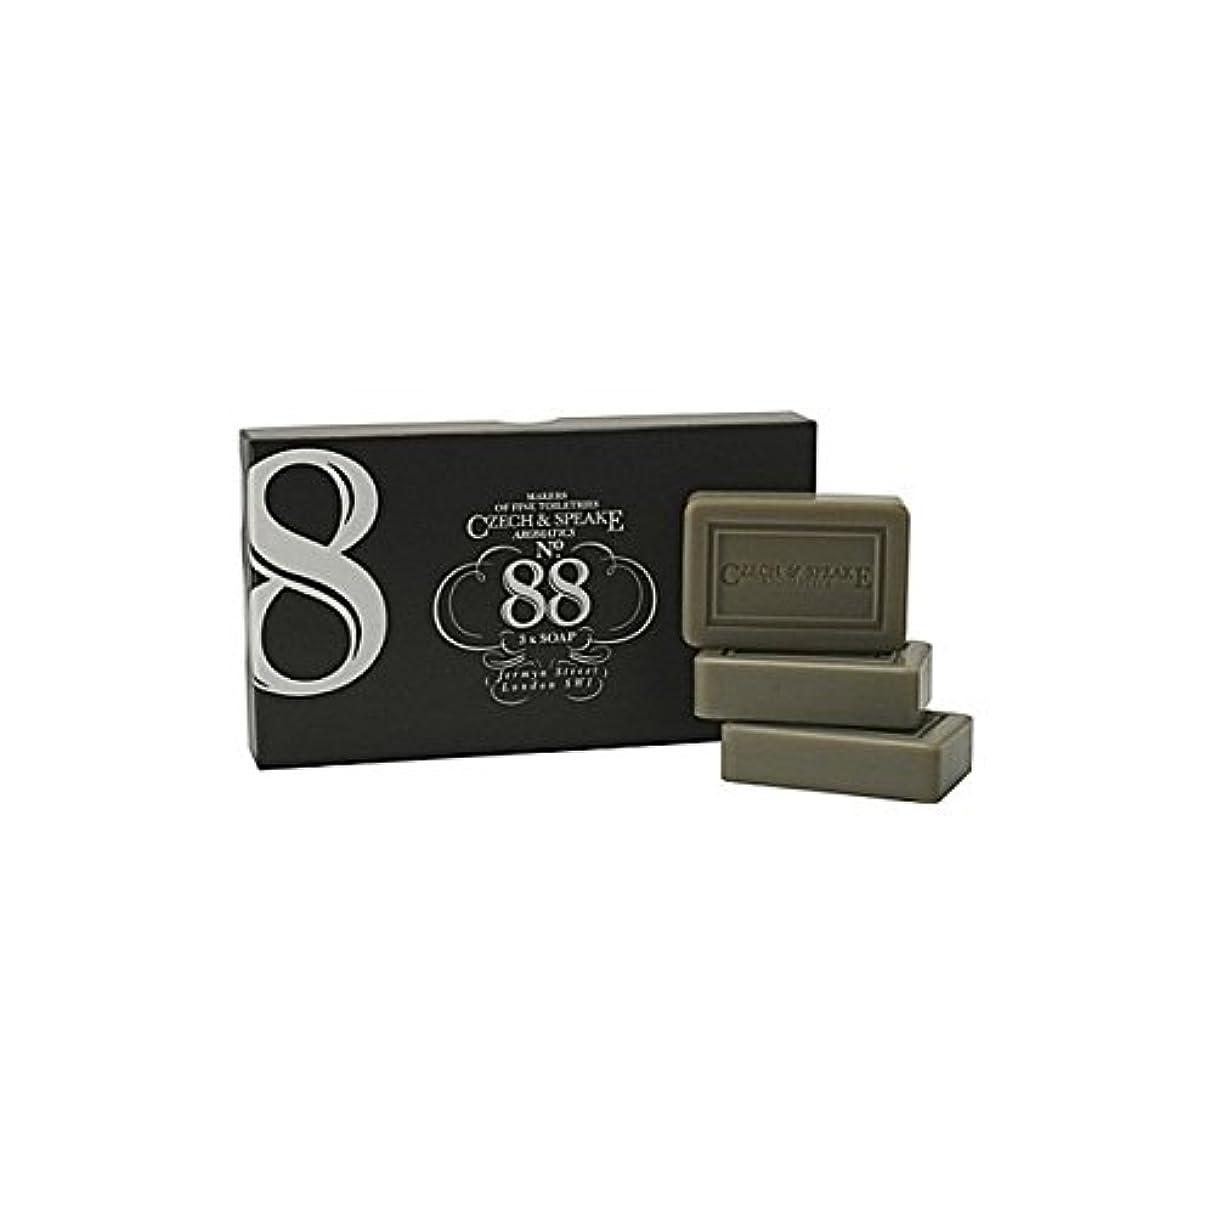 消化器細断言い換えるとチェコ&スピーク.88ソープセット x2 - Czech & Speake No.88 Soap Set (Pack of 2) [並行輸入品]